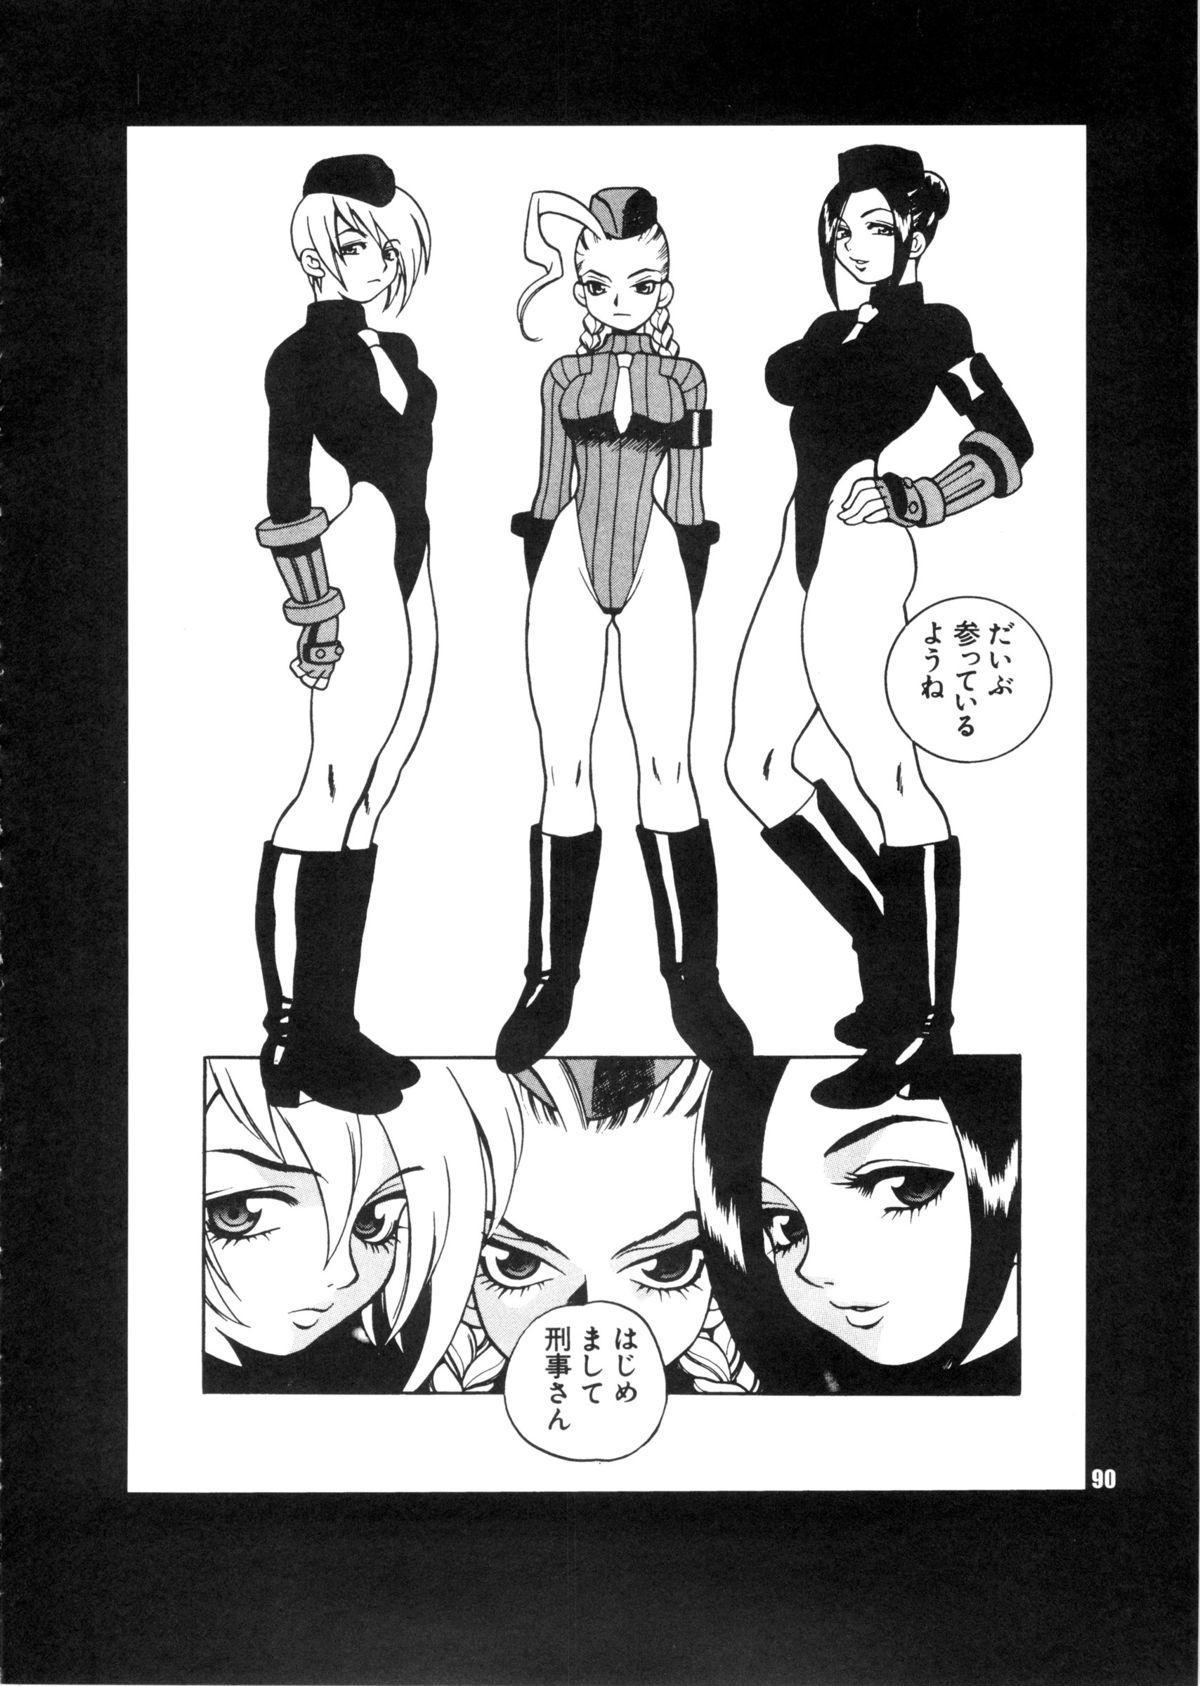 Yukiyanagi no Hon 28 Chun-Li Matome 89